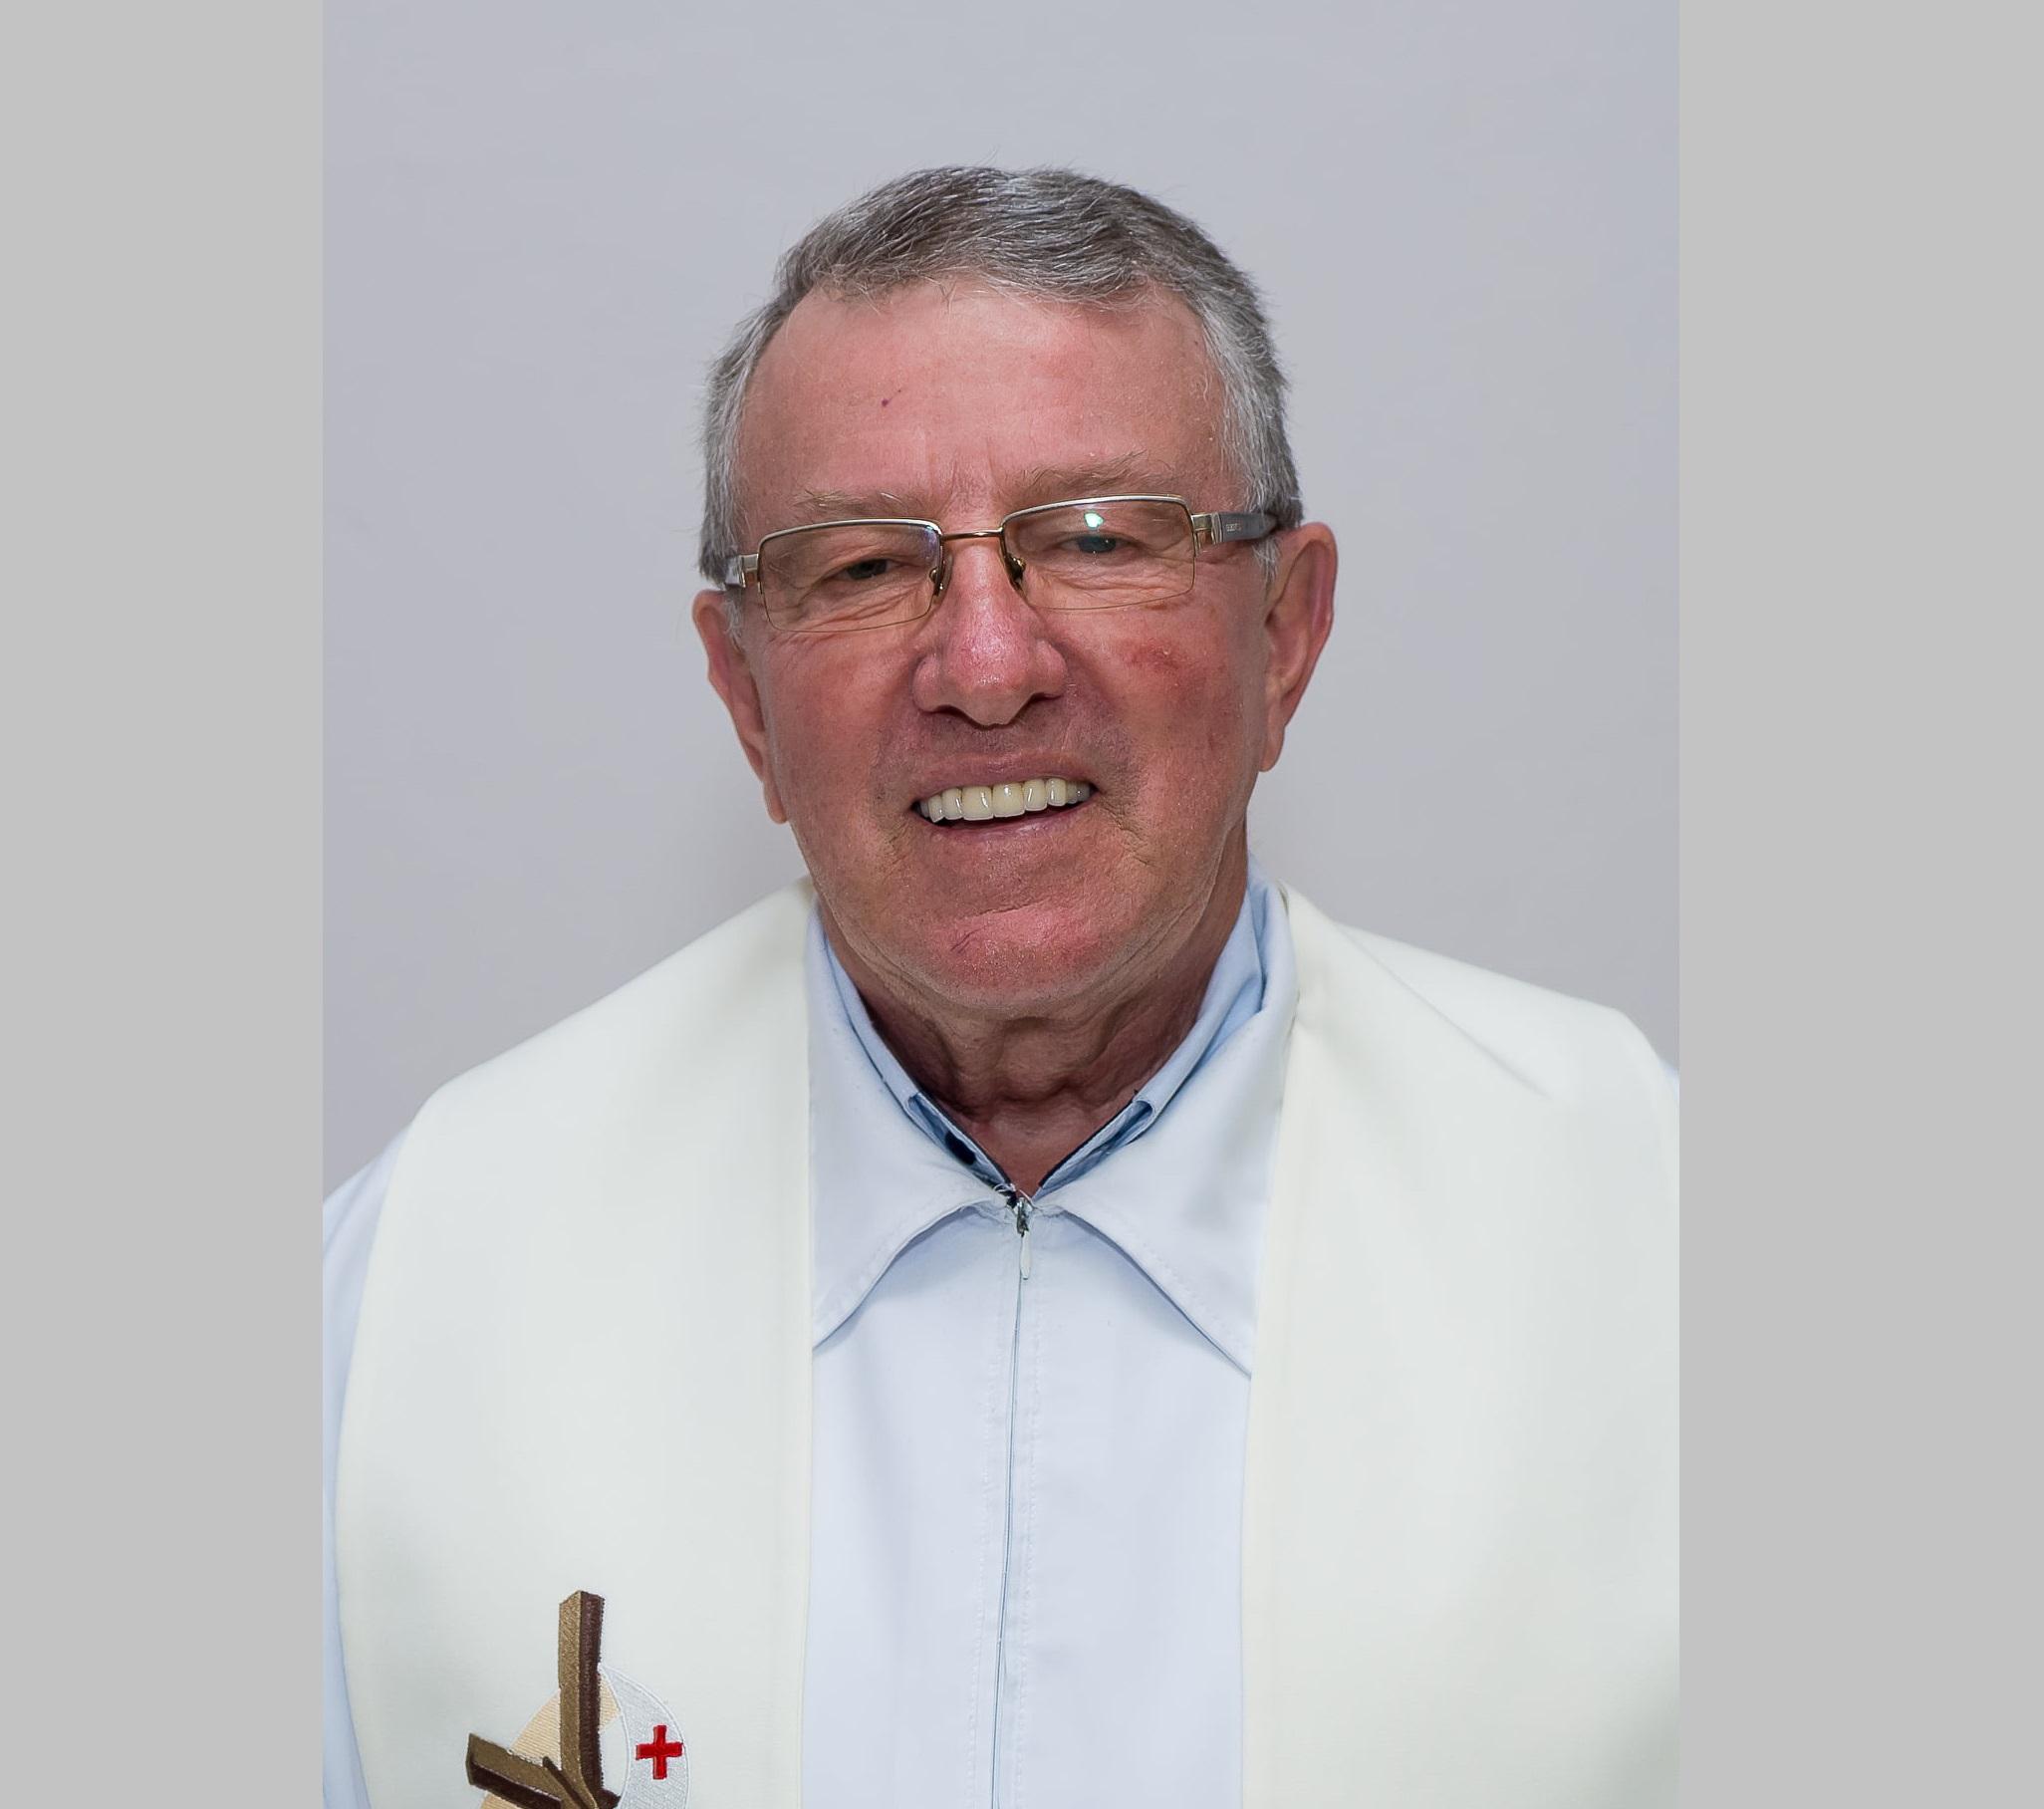 Padre de Presidente Getúlio apresenta melhoras após ser internado na UTI